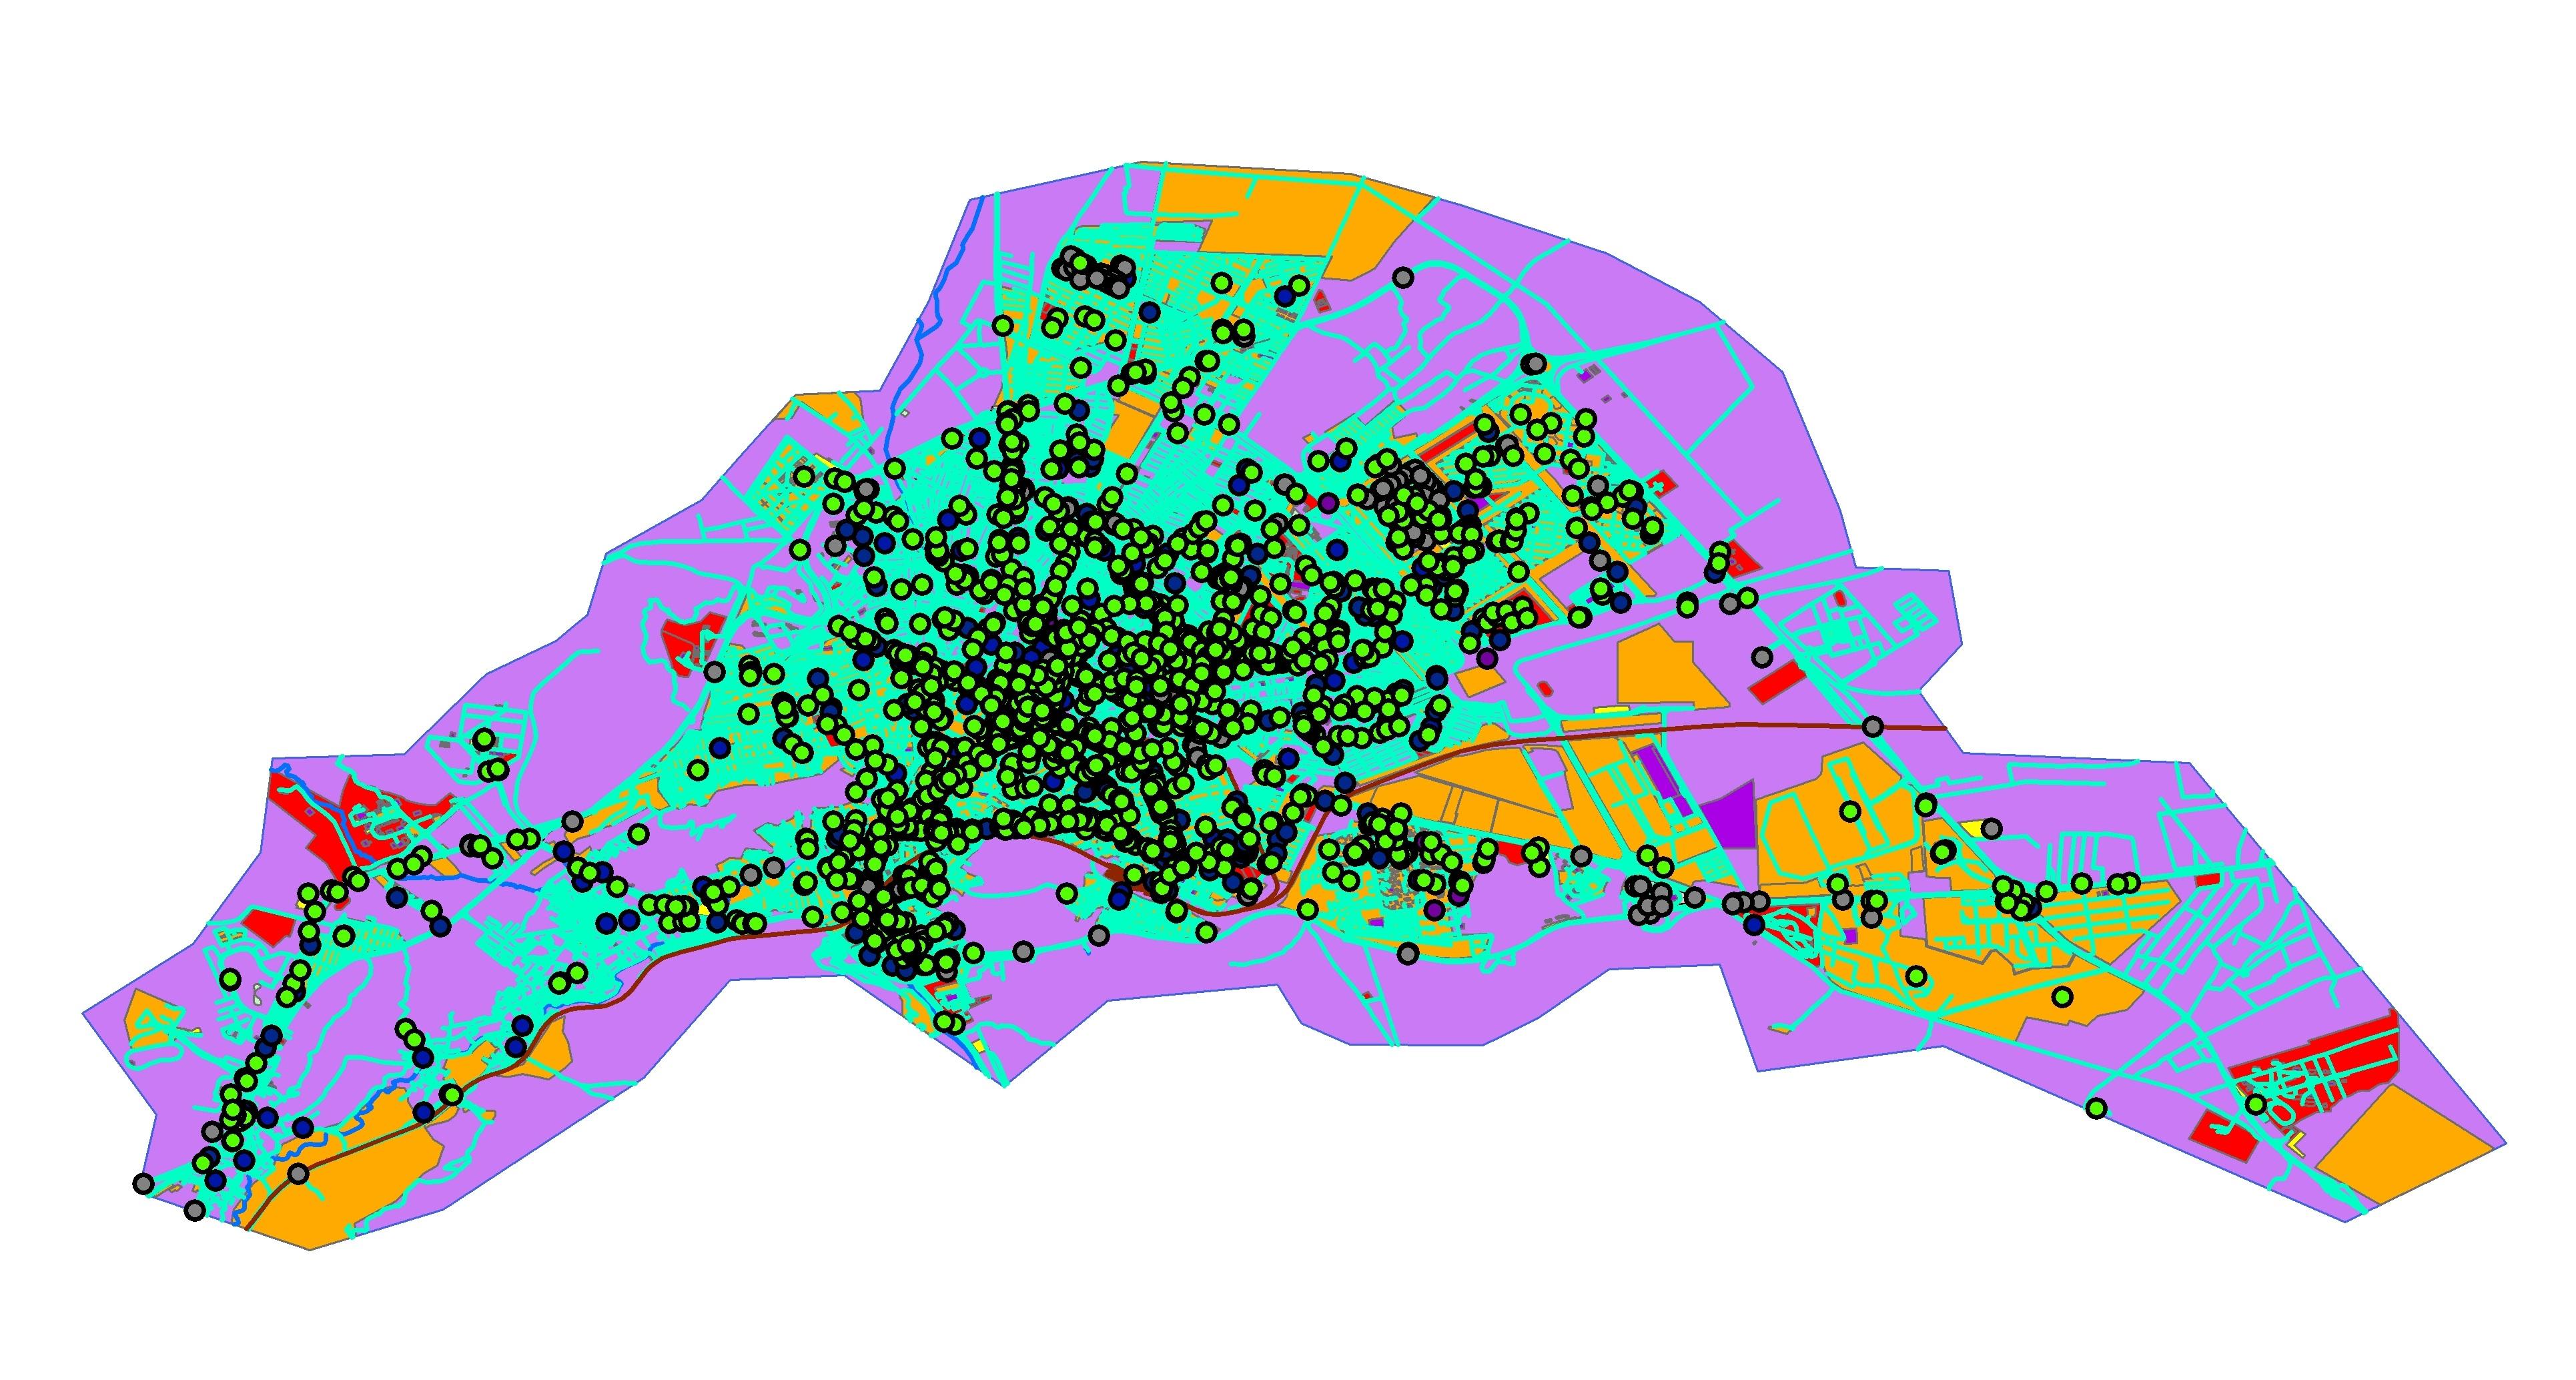 دانلود نقشه شهر اراک